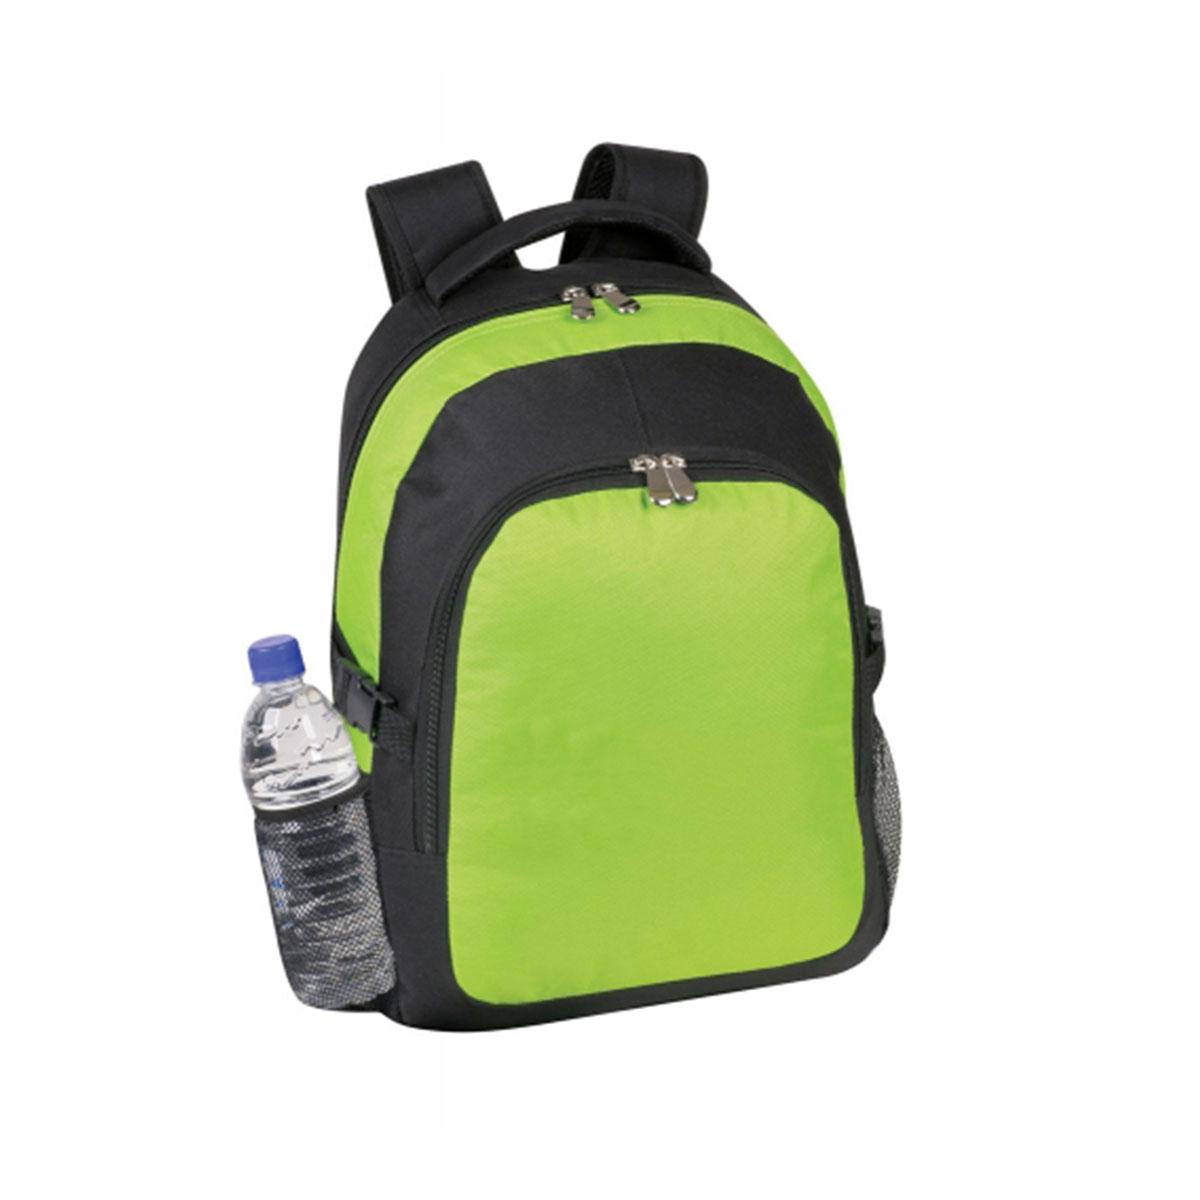 Backpack-Lime / Black